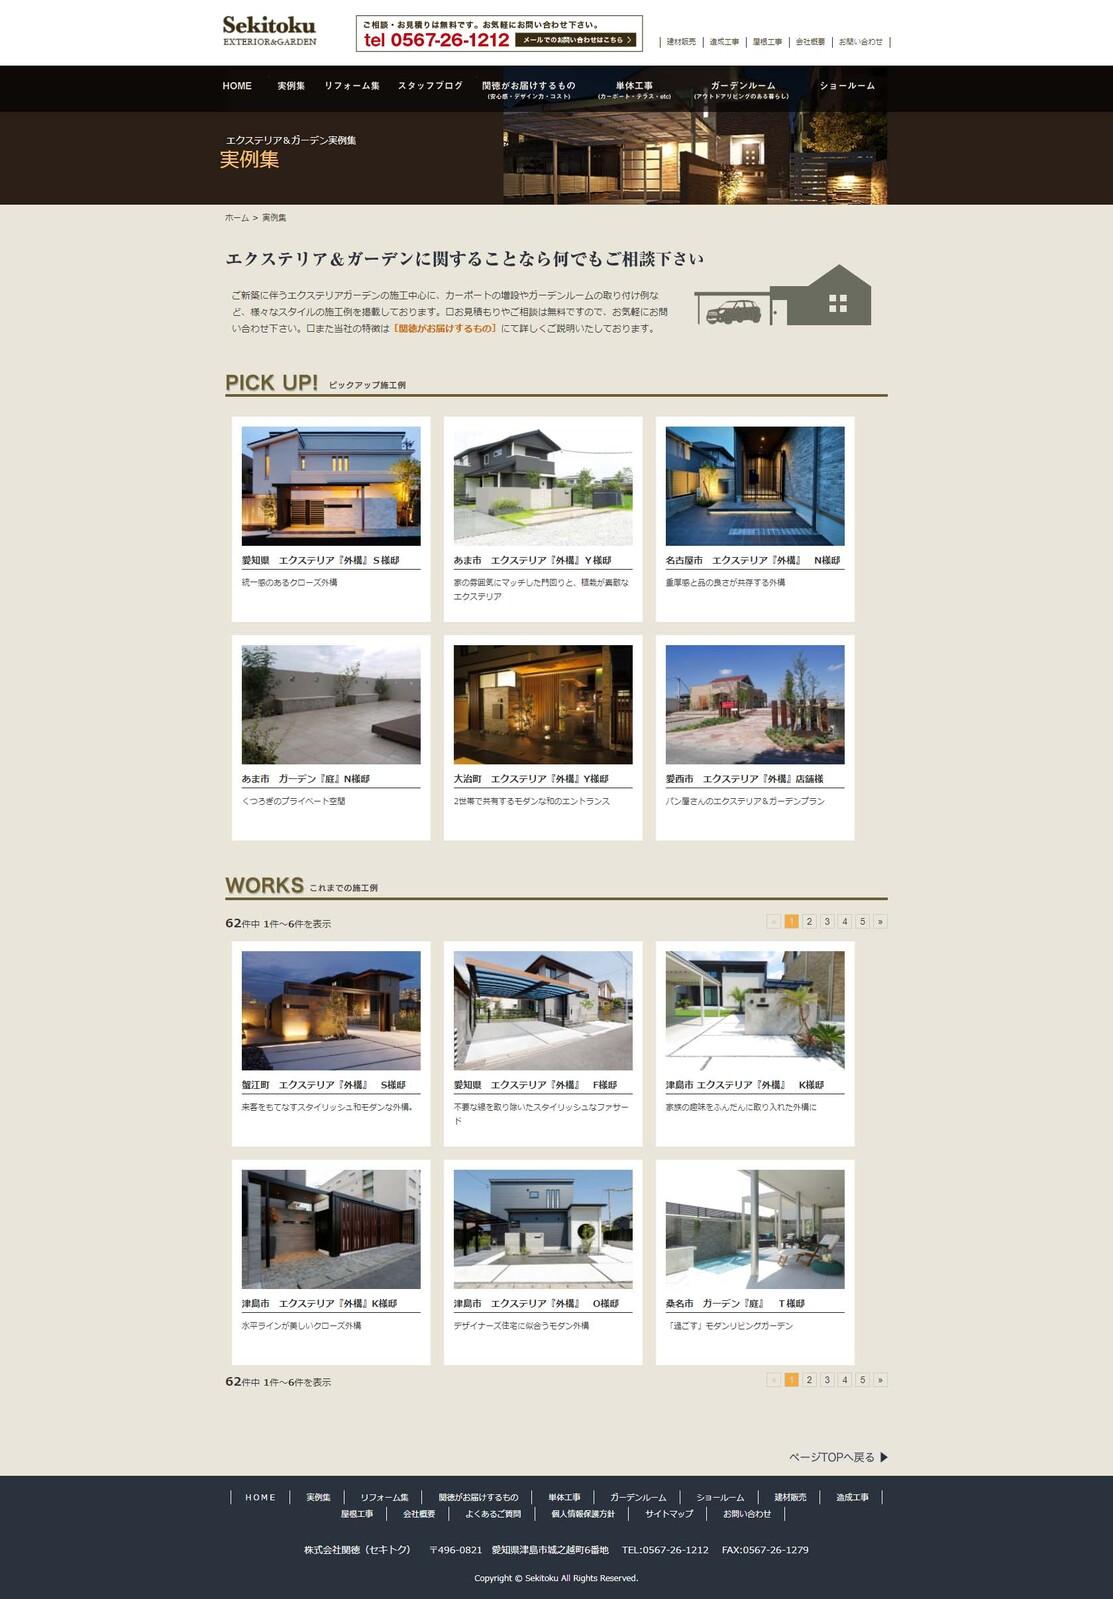 株式会社関徳(せきとく)様 WEBサイト